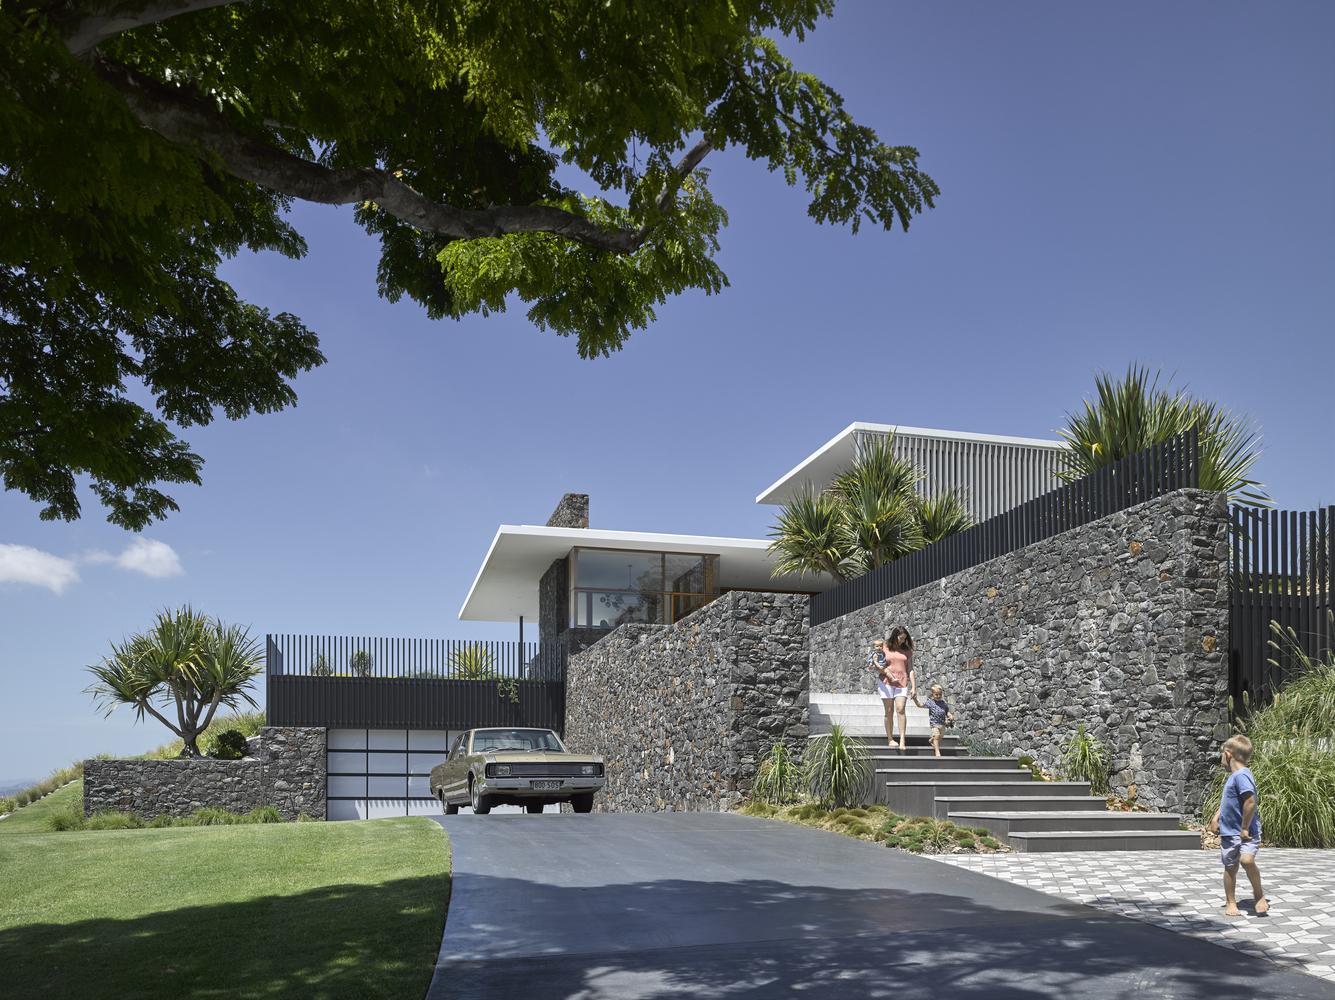 Nhà đẹp nước ngoài- Rocky house 1